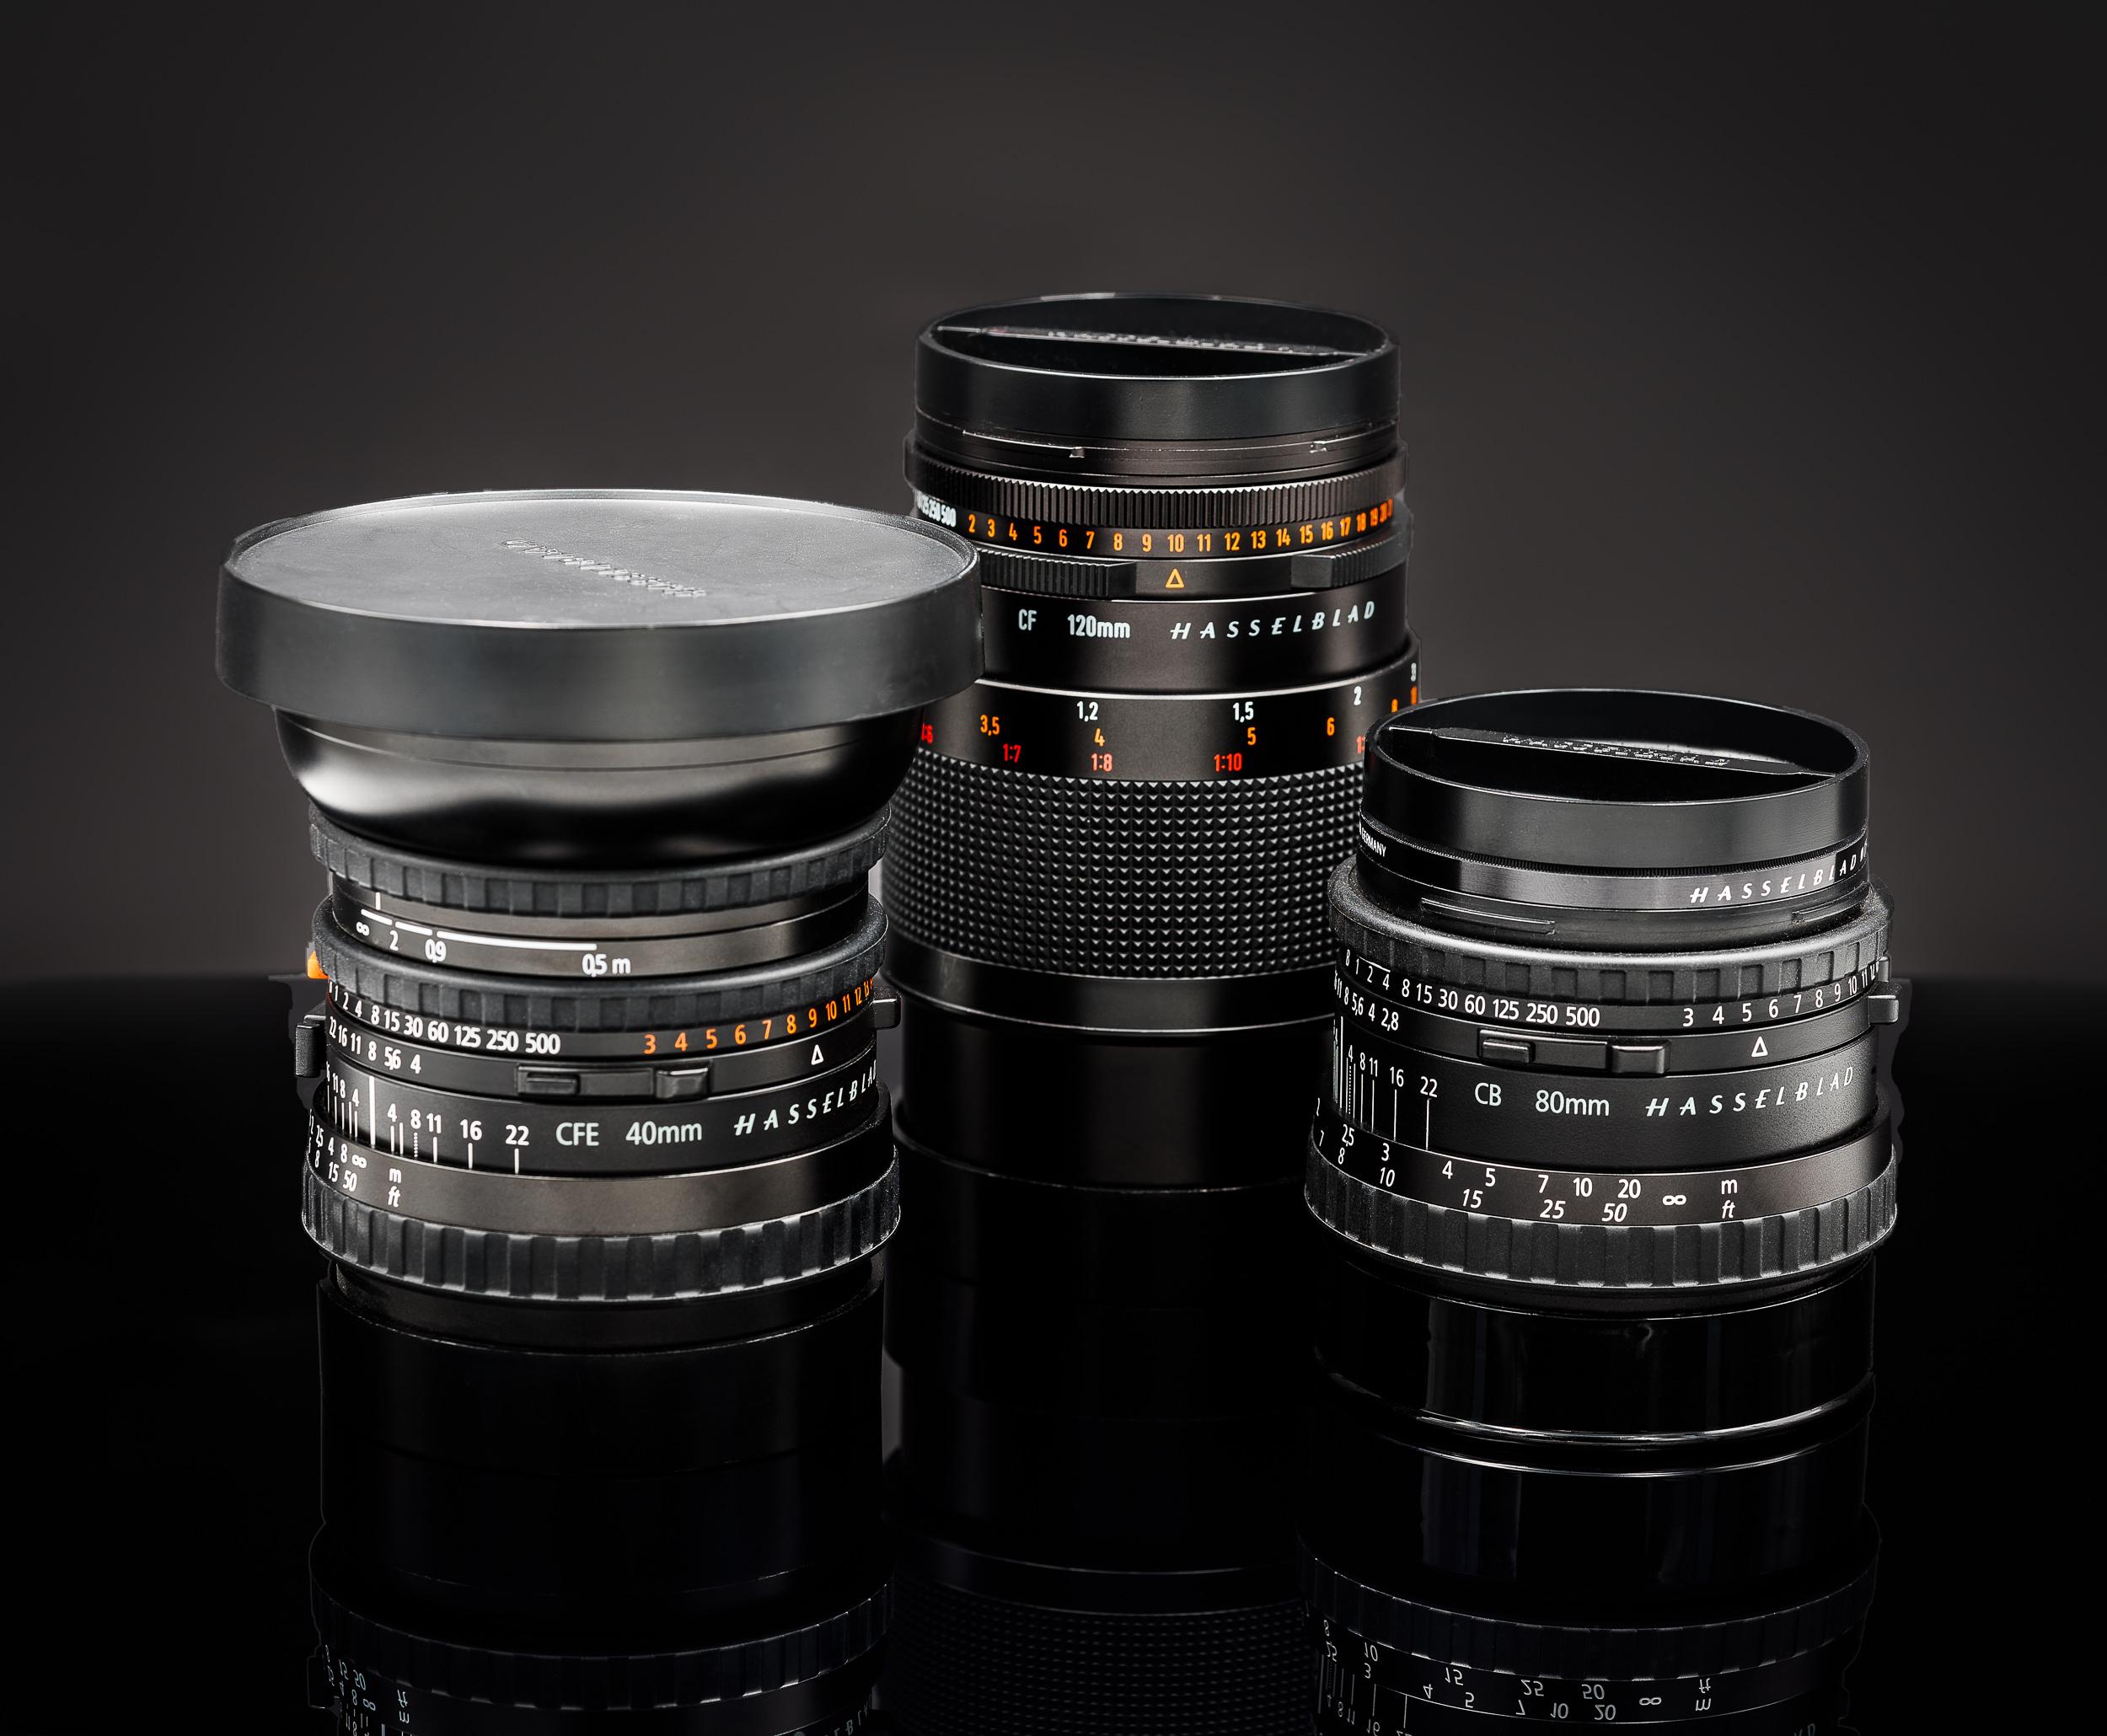 Hasselblad 40mm f4, 120mm f4 Macro, 80mm f2.8